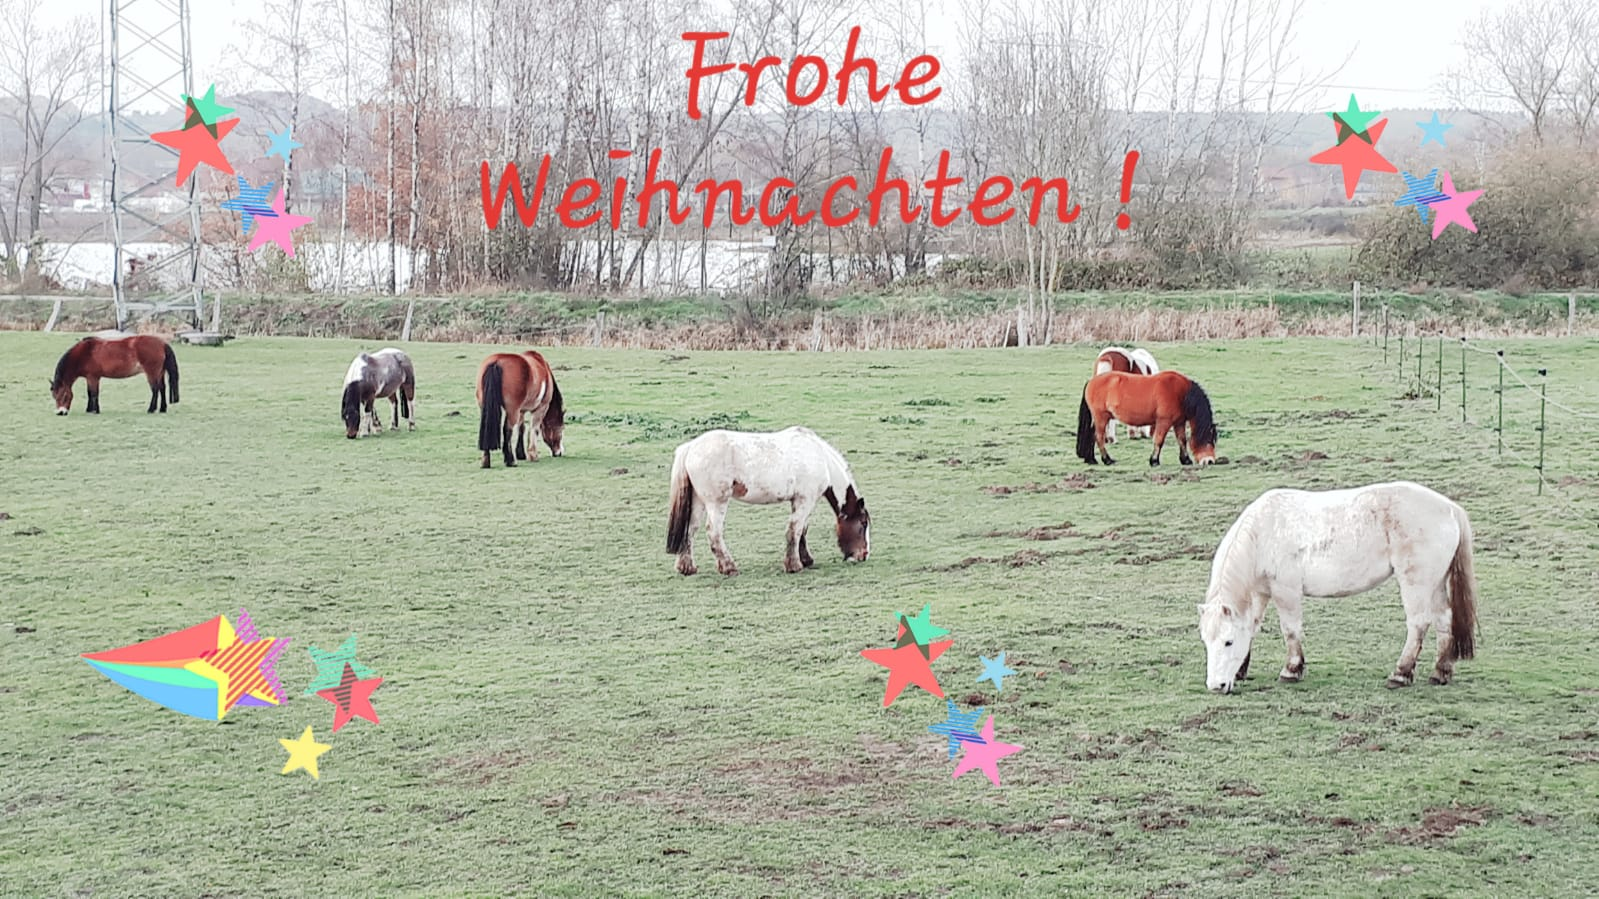 Frohe Weihnachten!